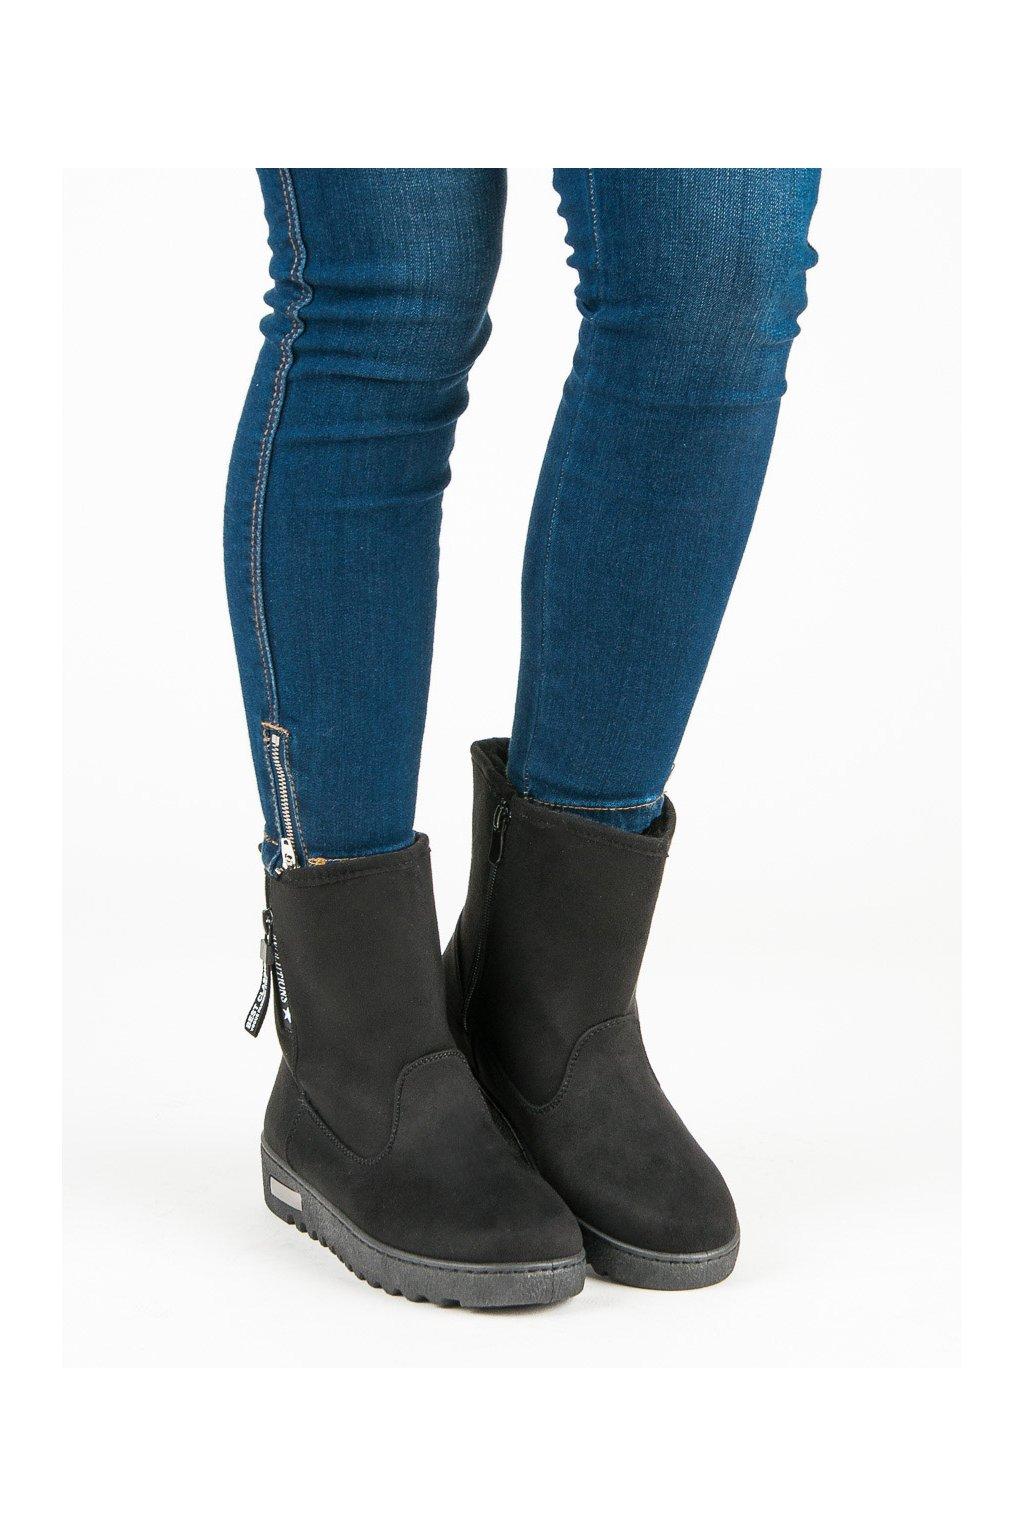 Za teplené čierne topánky semišové snehule McKeylor Za teplené čierne  topánky semišové snehule McKeylor ... 3455e6d2f54